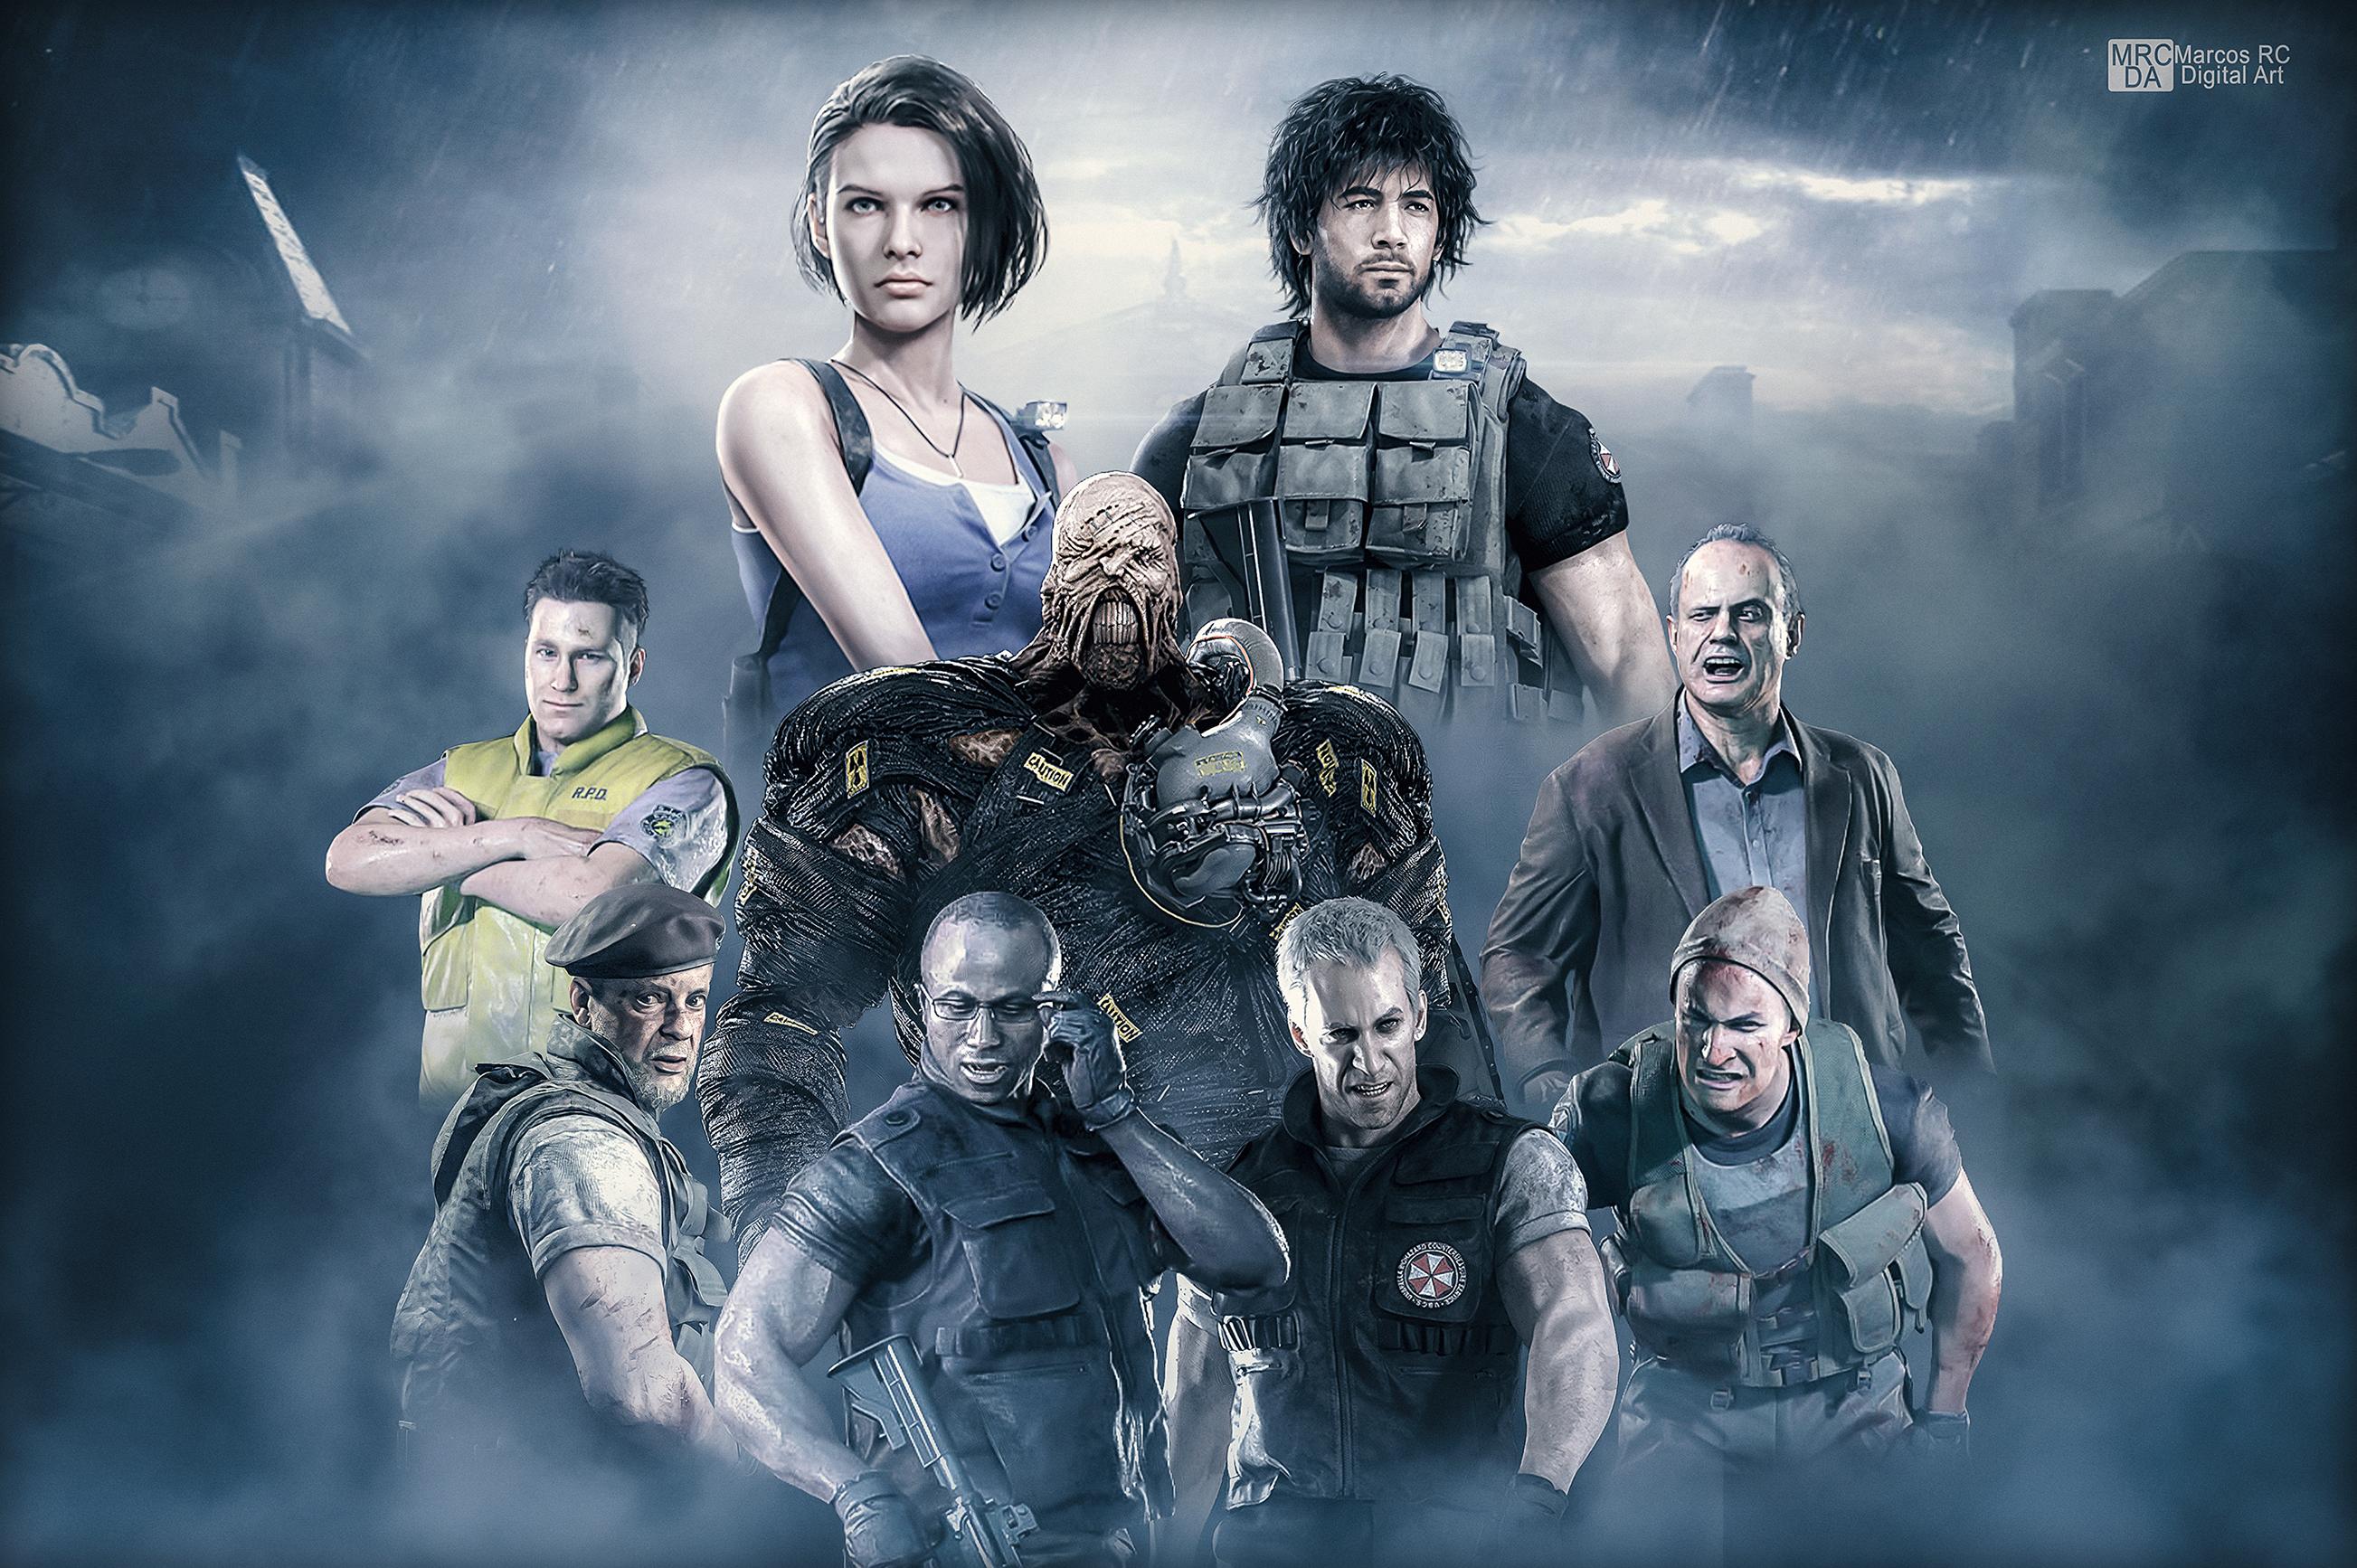 Wallpaper Resident Evil 3 Remake By Mark Rc97 On Deviantart